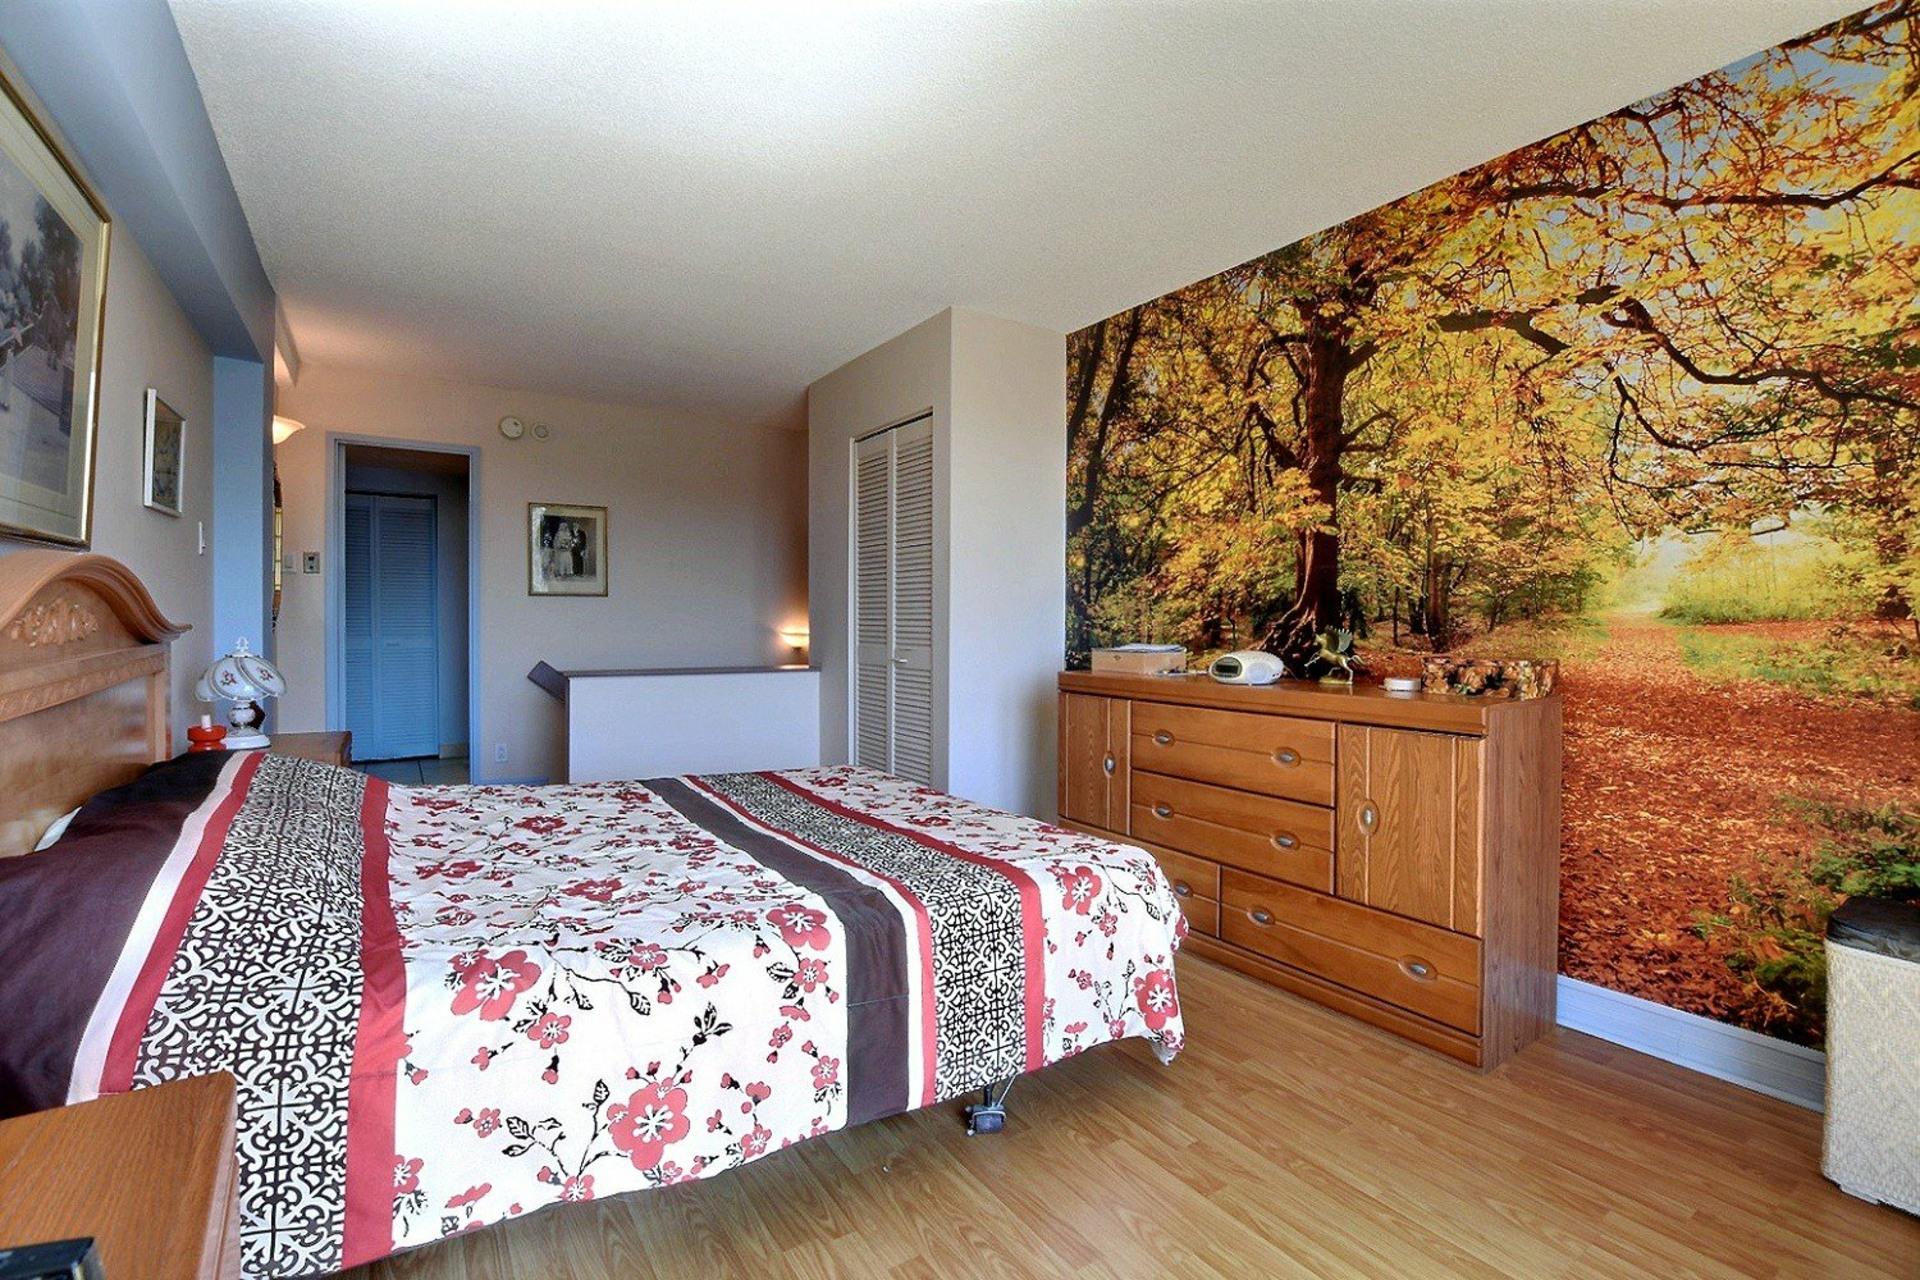 image 13 - Appartement À vendre Verdun/Île-des-Soeurs Montréal  - 4 pièces